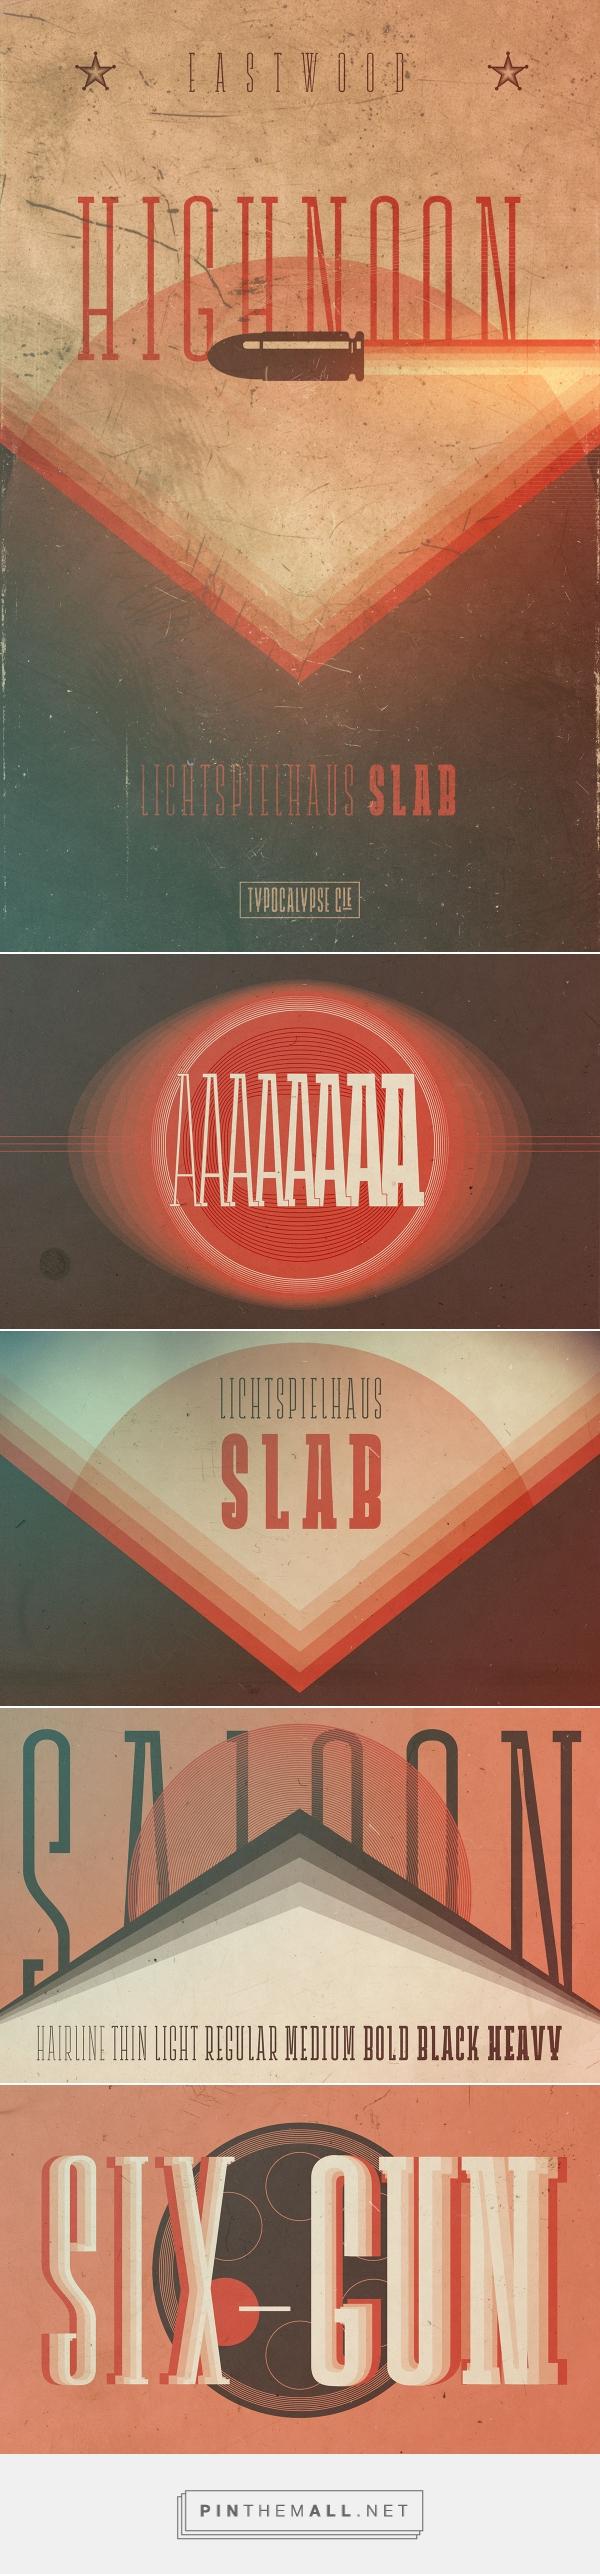 Lichtspielhaus Slab – A Type Noir on Behance - created via https://pinthemall.net